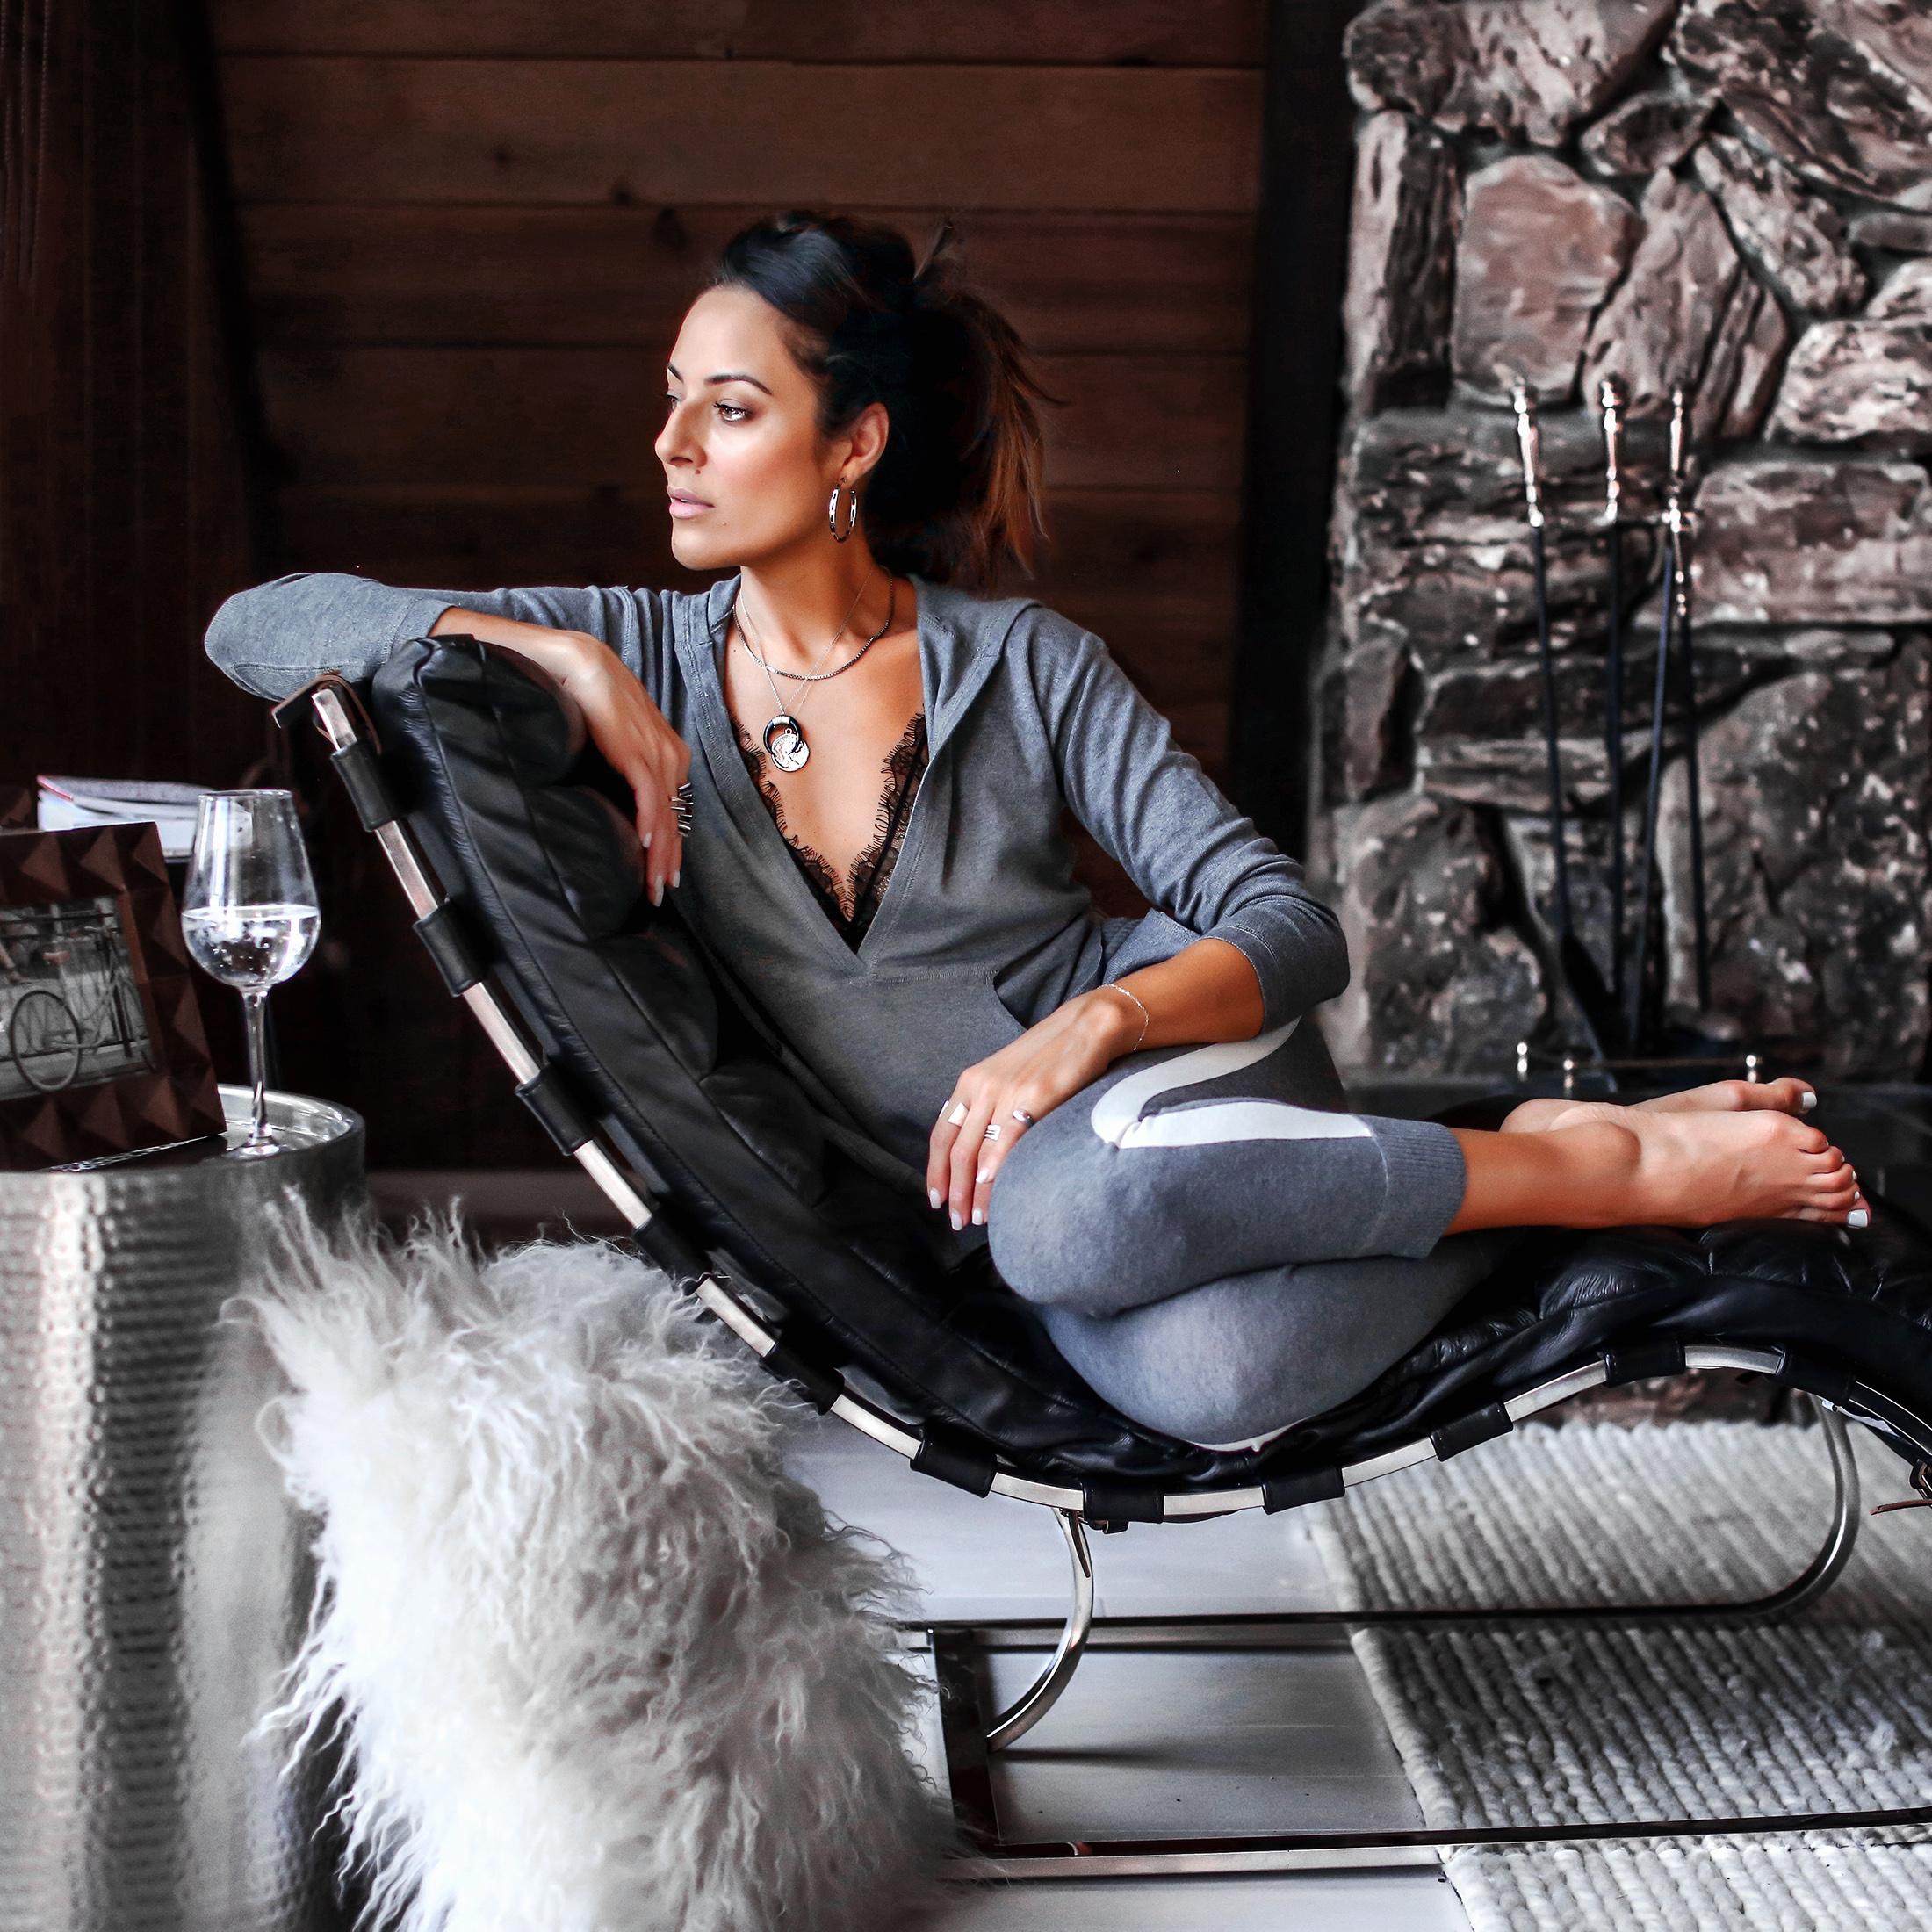 Brunette Woman Sitting In Modern Lounge